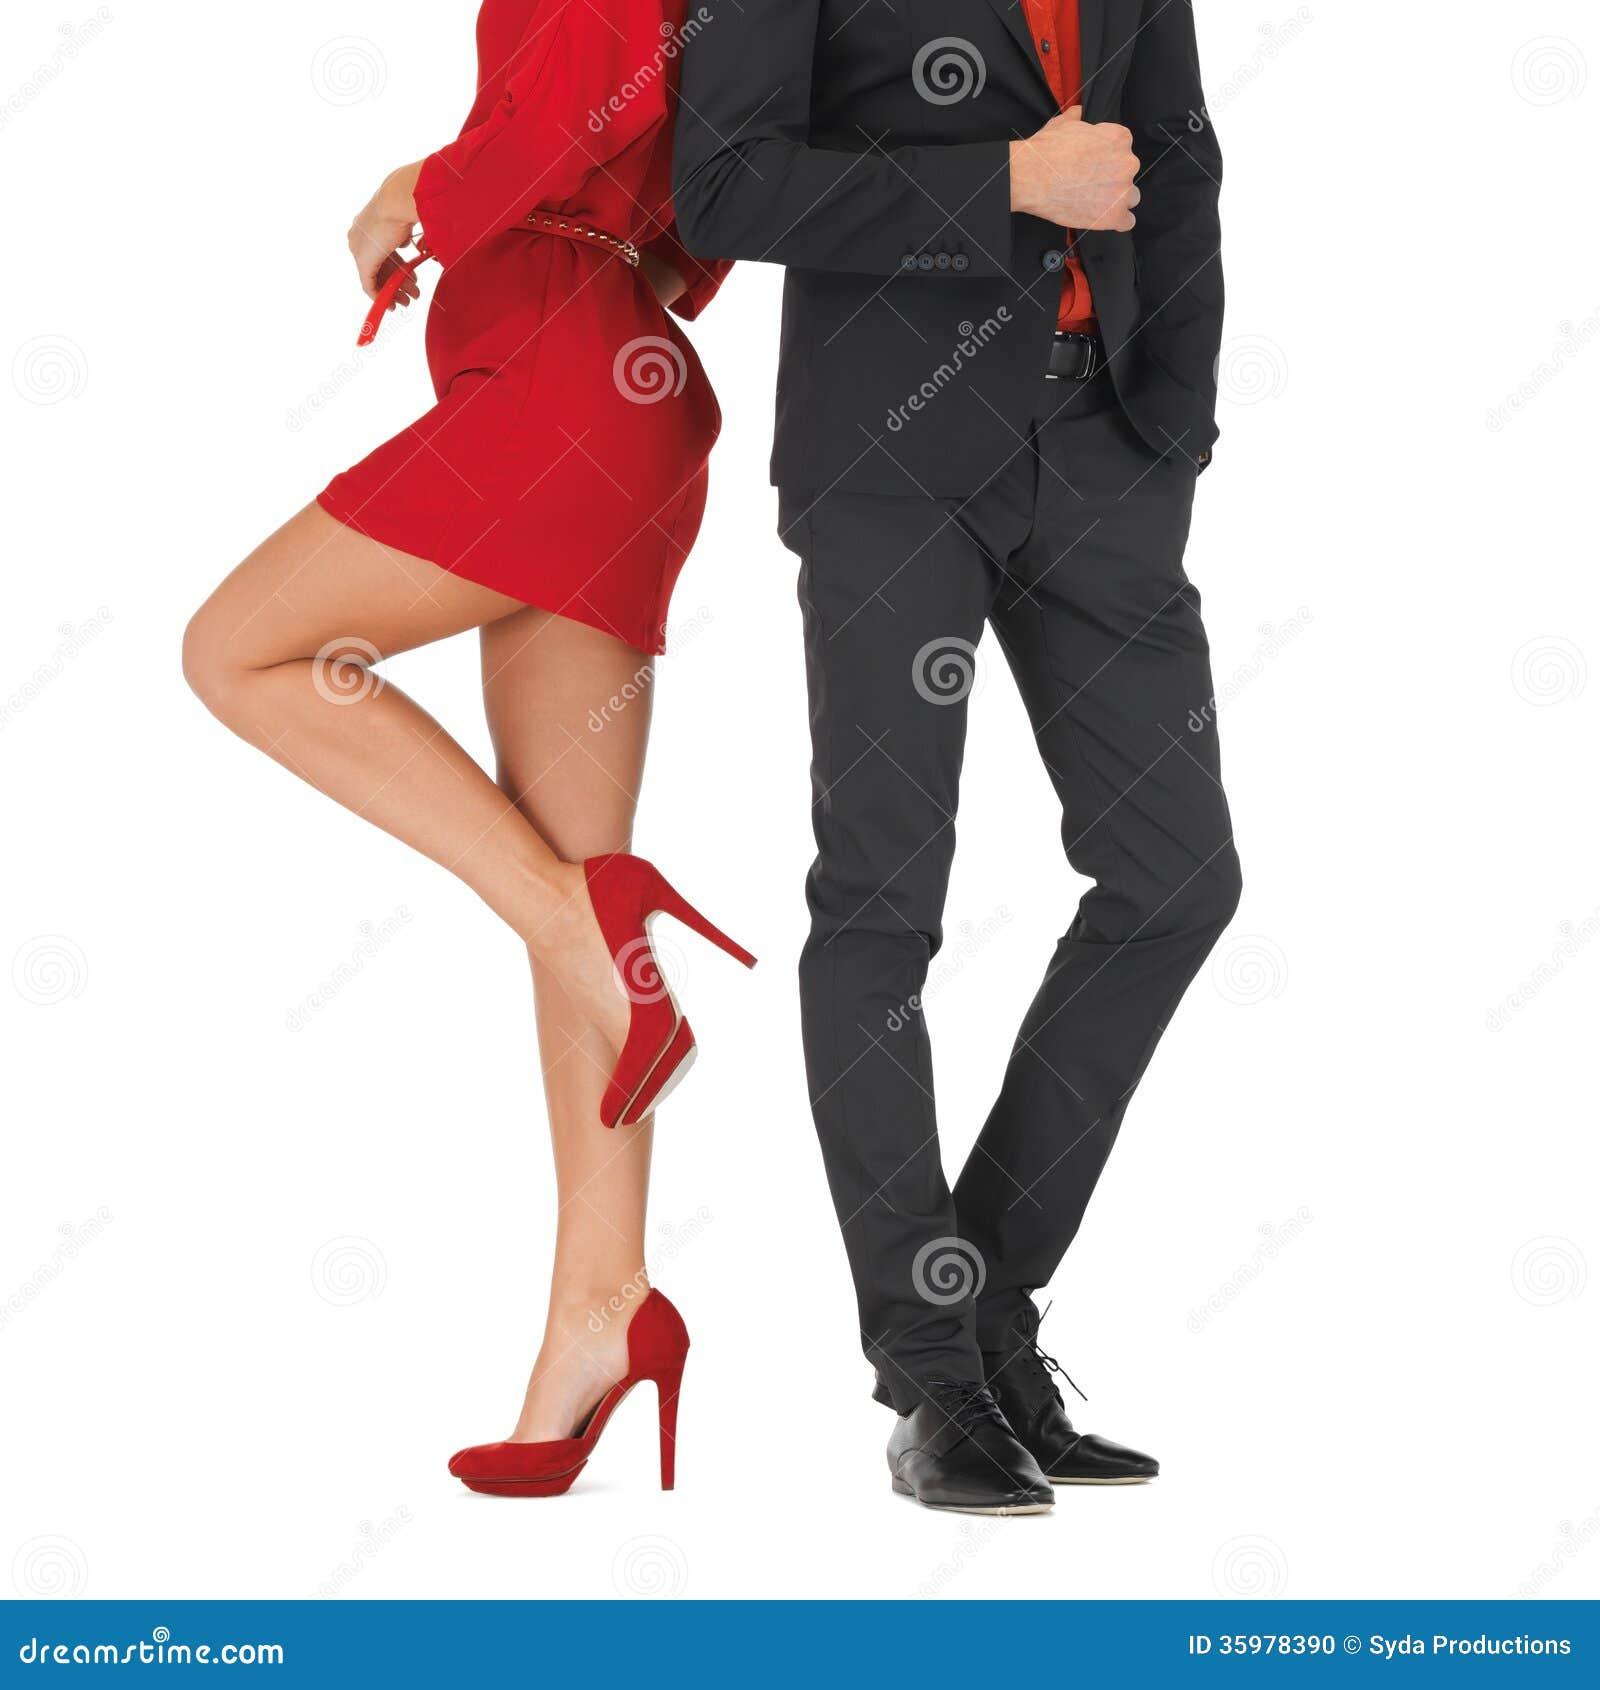 Women seeking woman and man